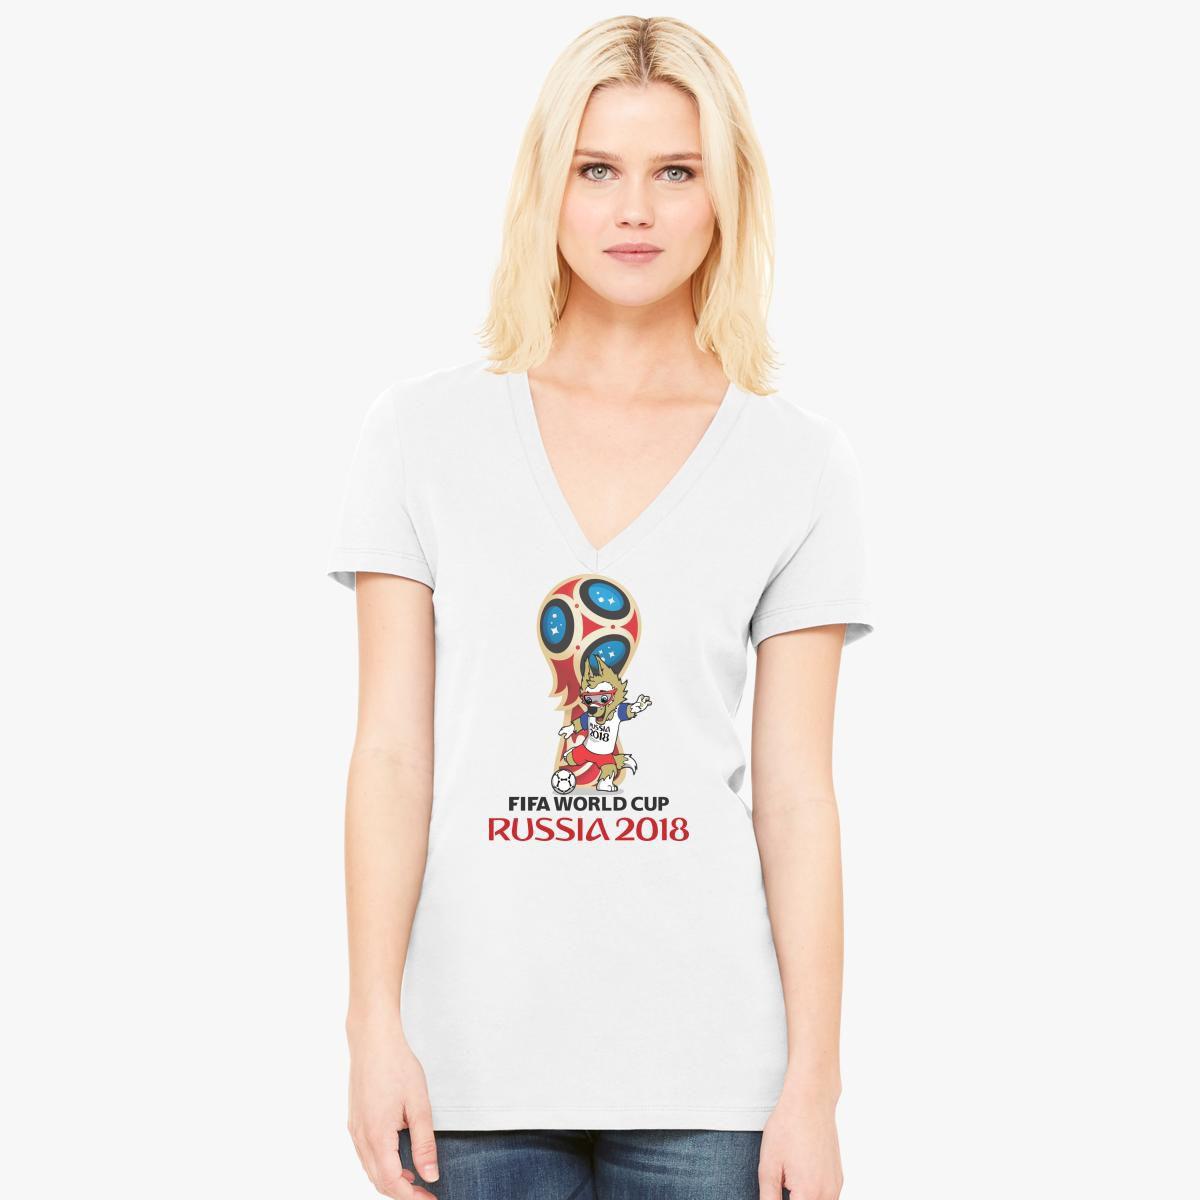 481ab3041e1 Russia World Cup 2018 Mascot Zabivaka Women s V-Neck T-shirt ...